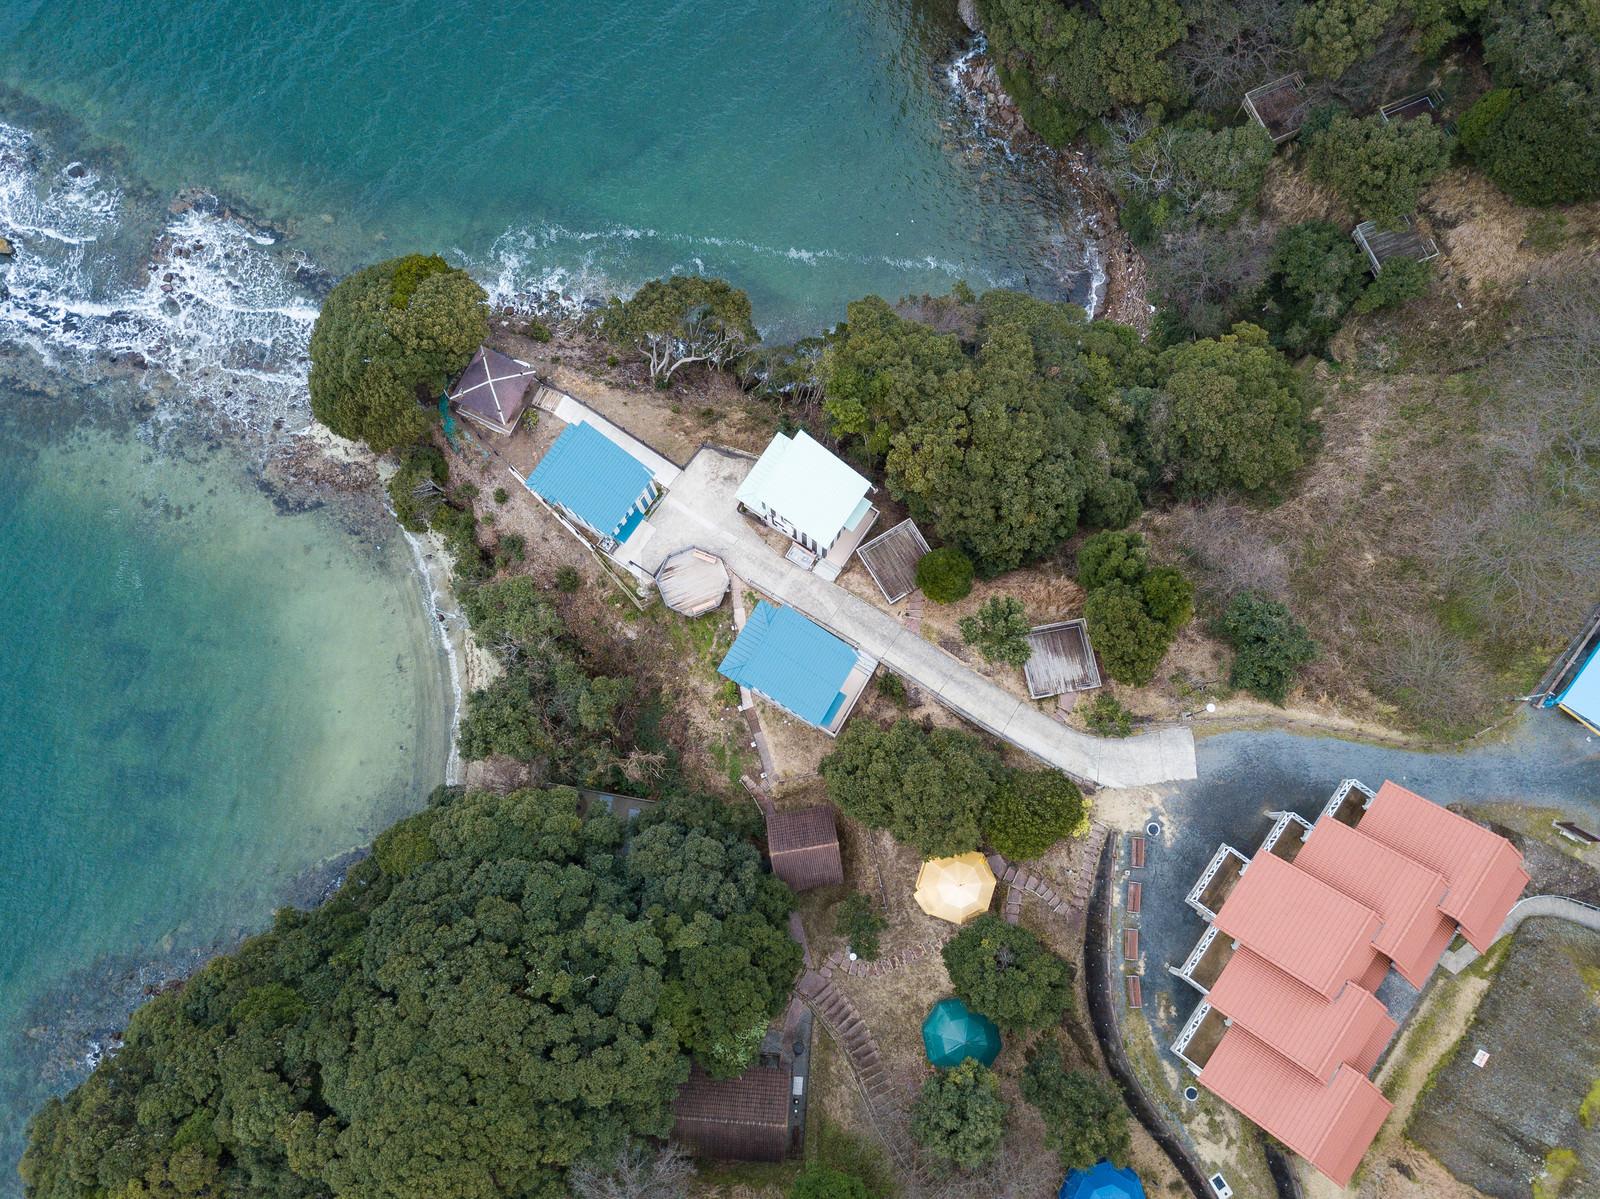 「時津町にある崎野自然公園のコテージ付近を空撮」の写真